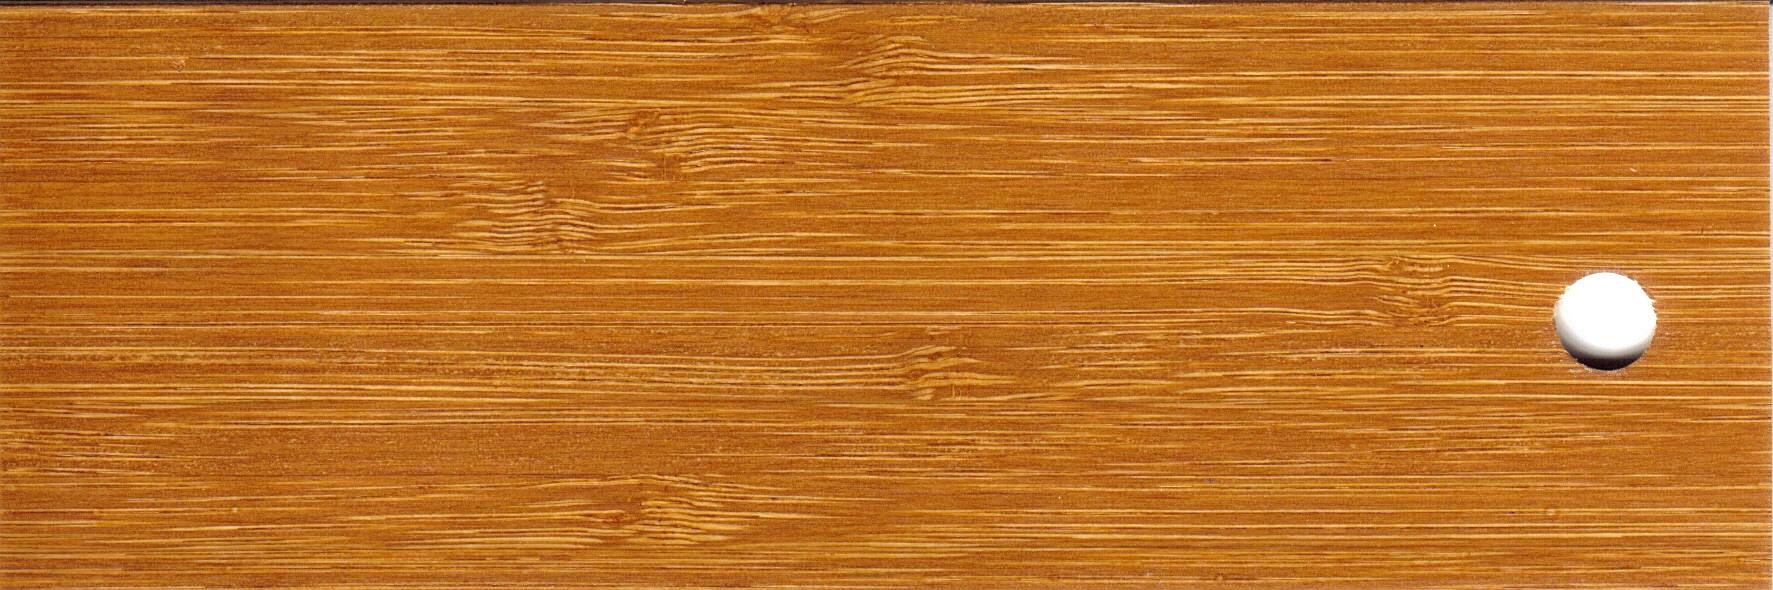 sezam ŻALUZJE DREWNIANE (żaluzje bambusowe)